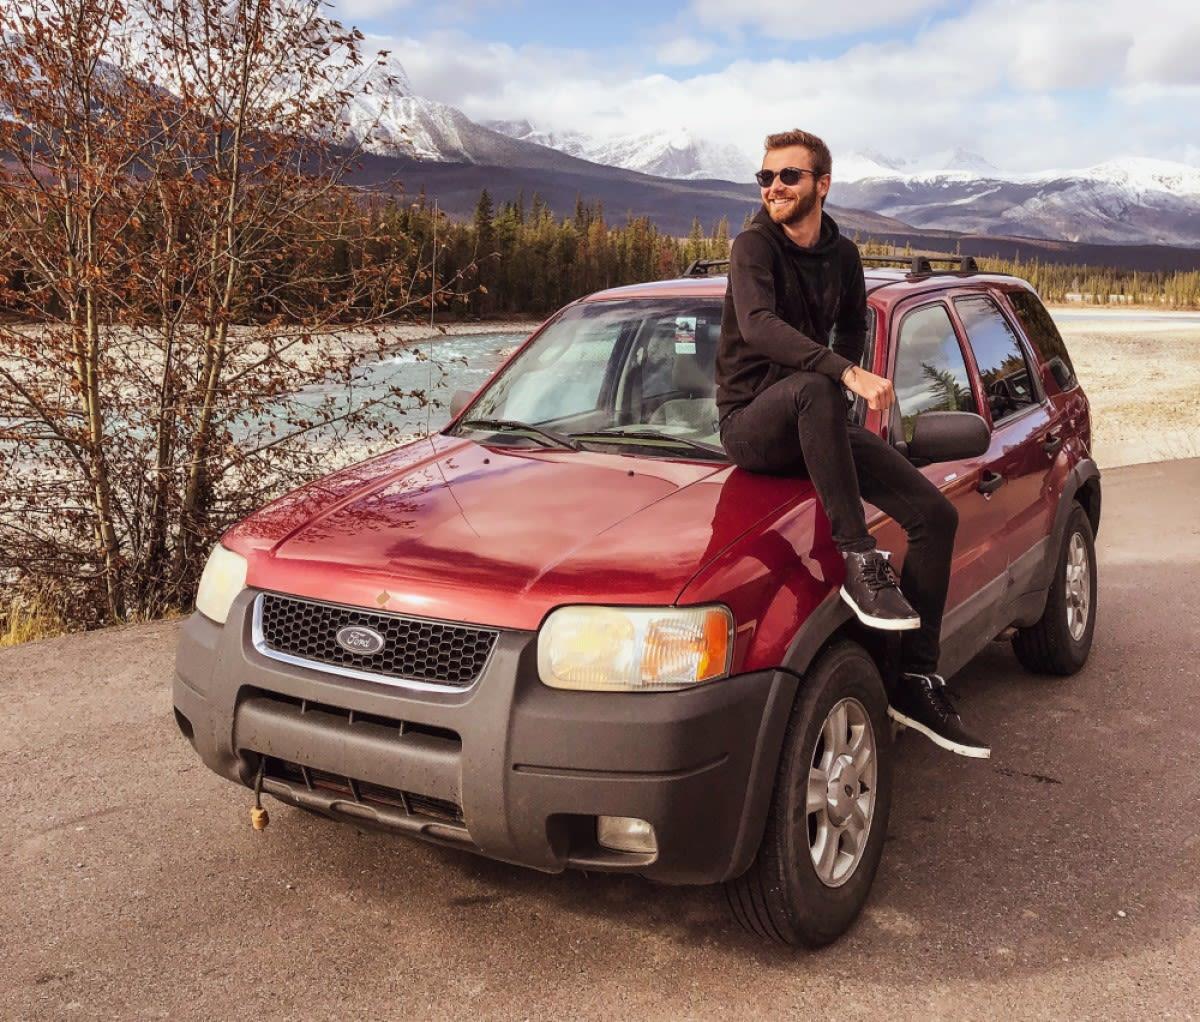 Kluk sedí na autě v kanadské přírodě